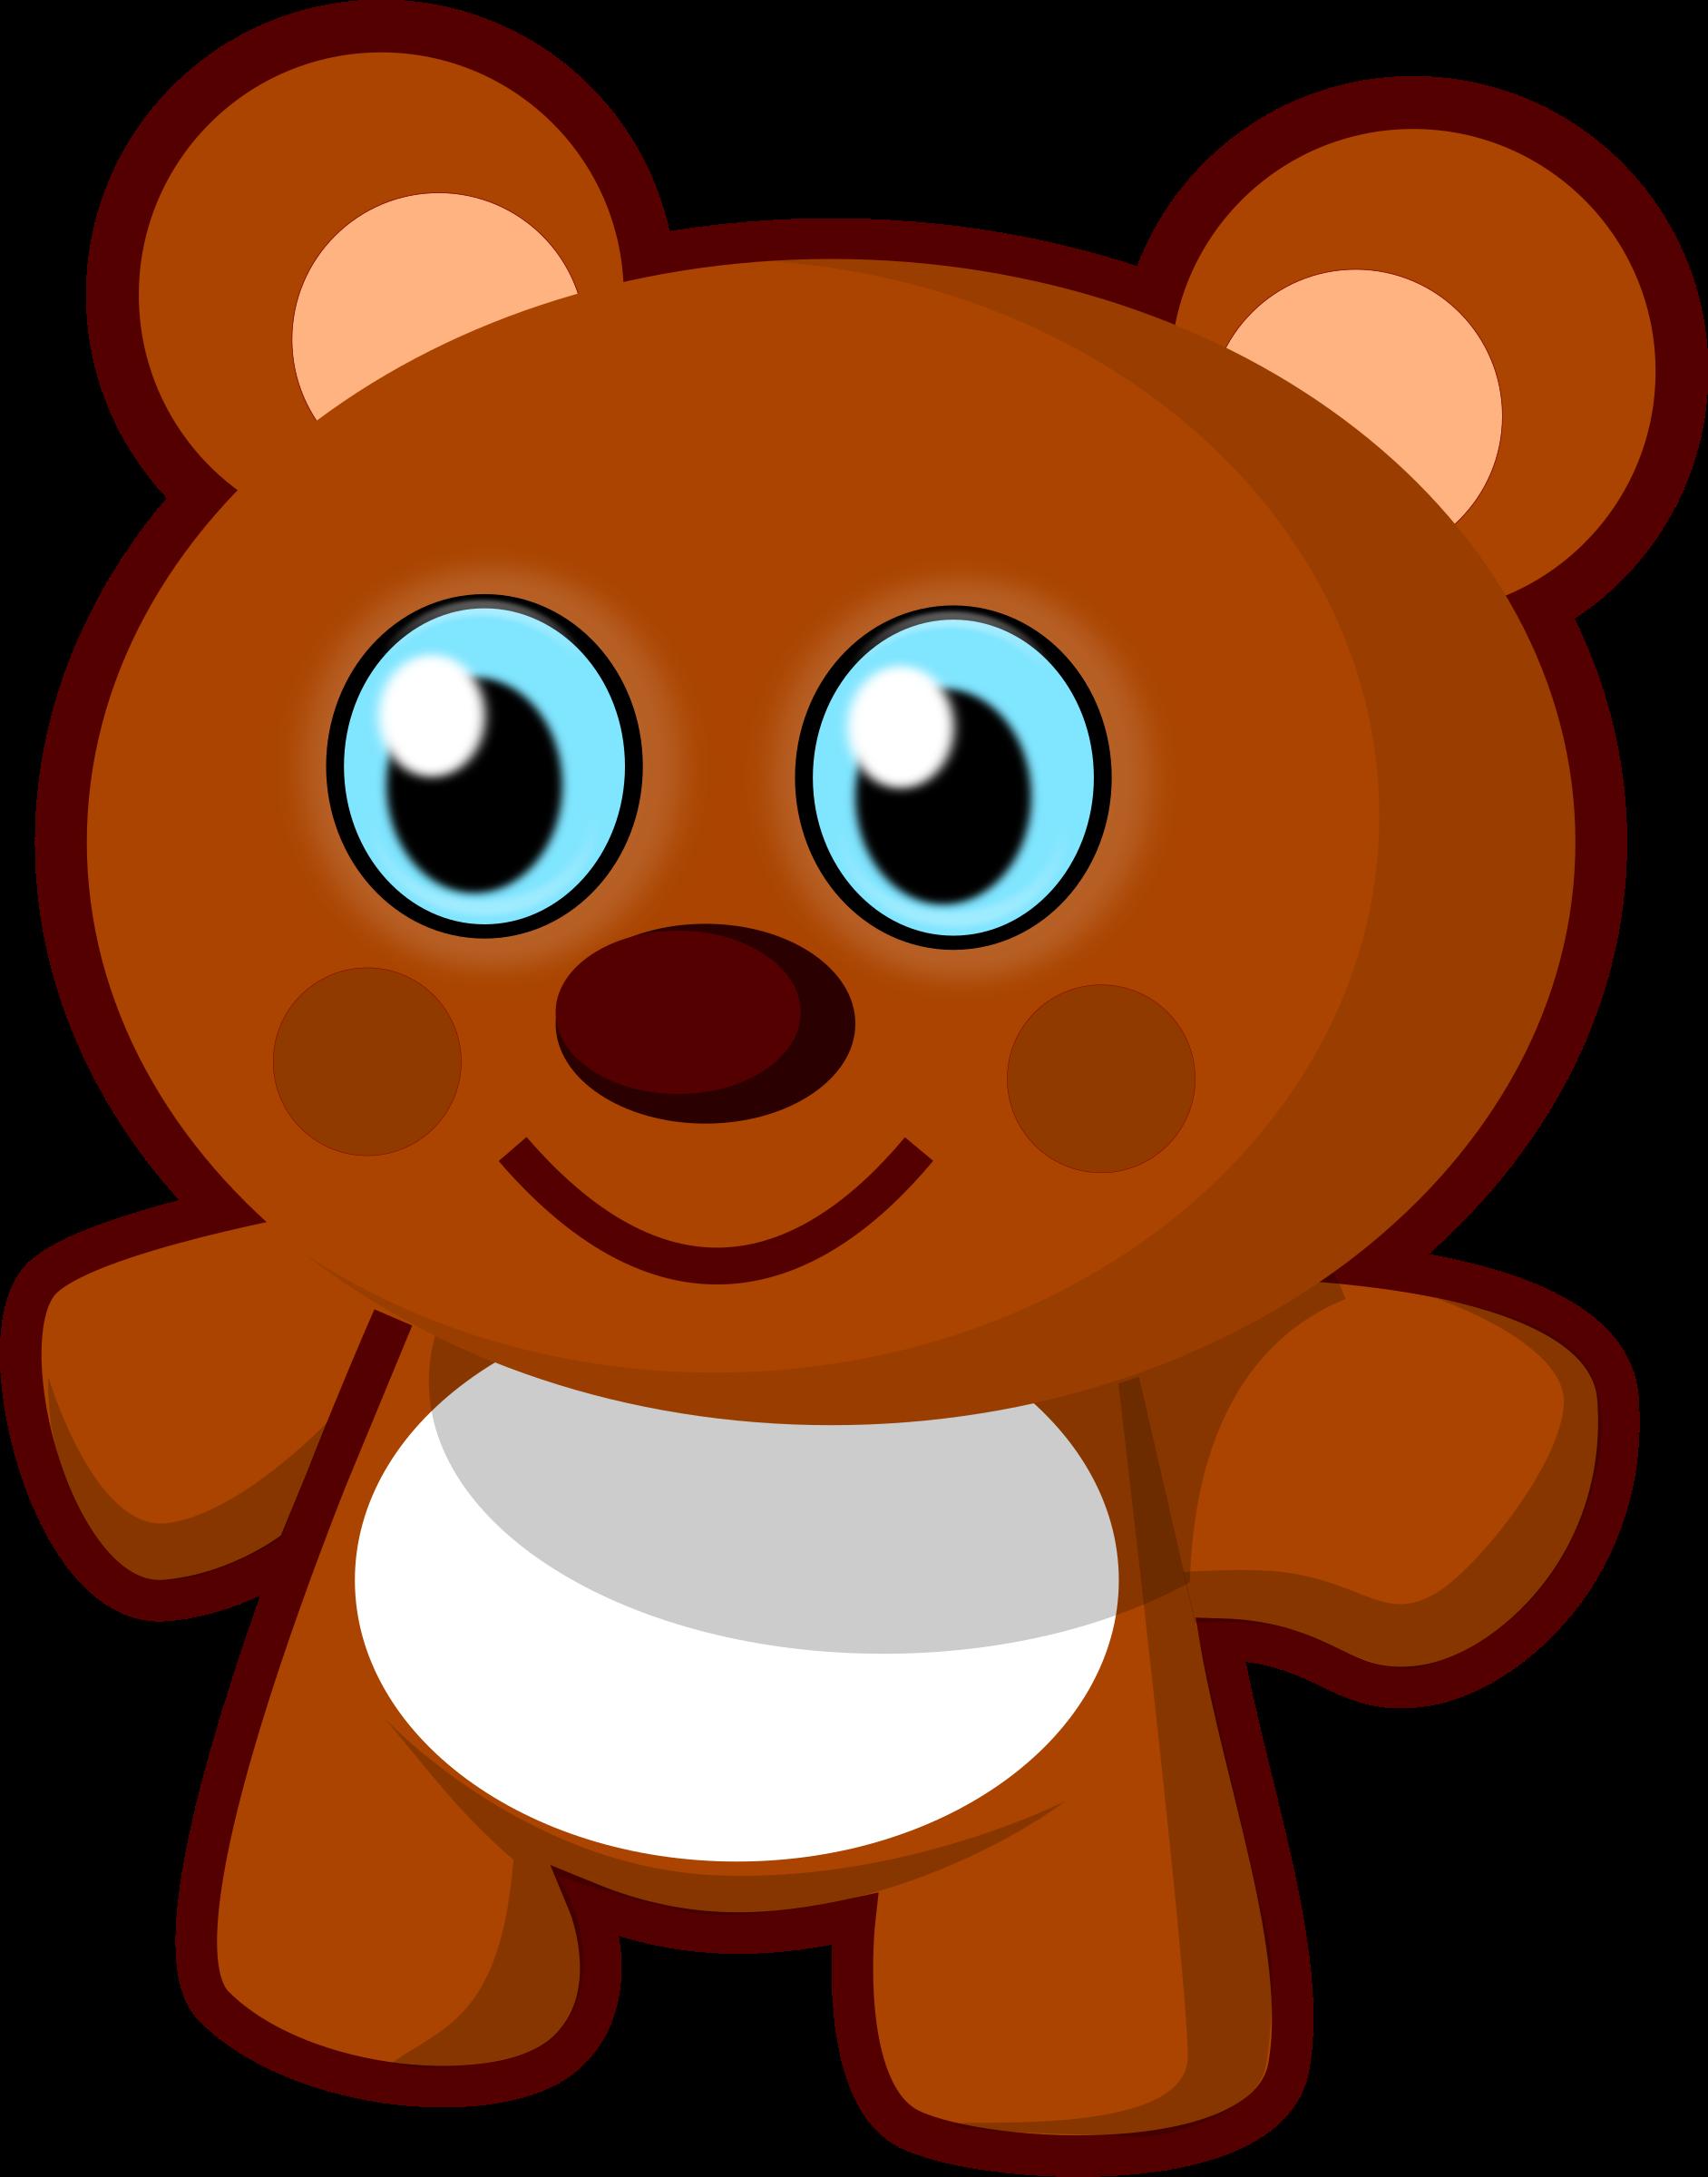 Teddy clipart little bear #10